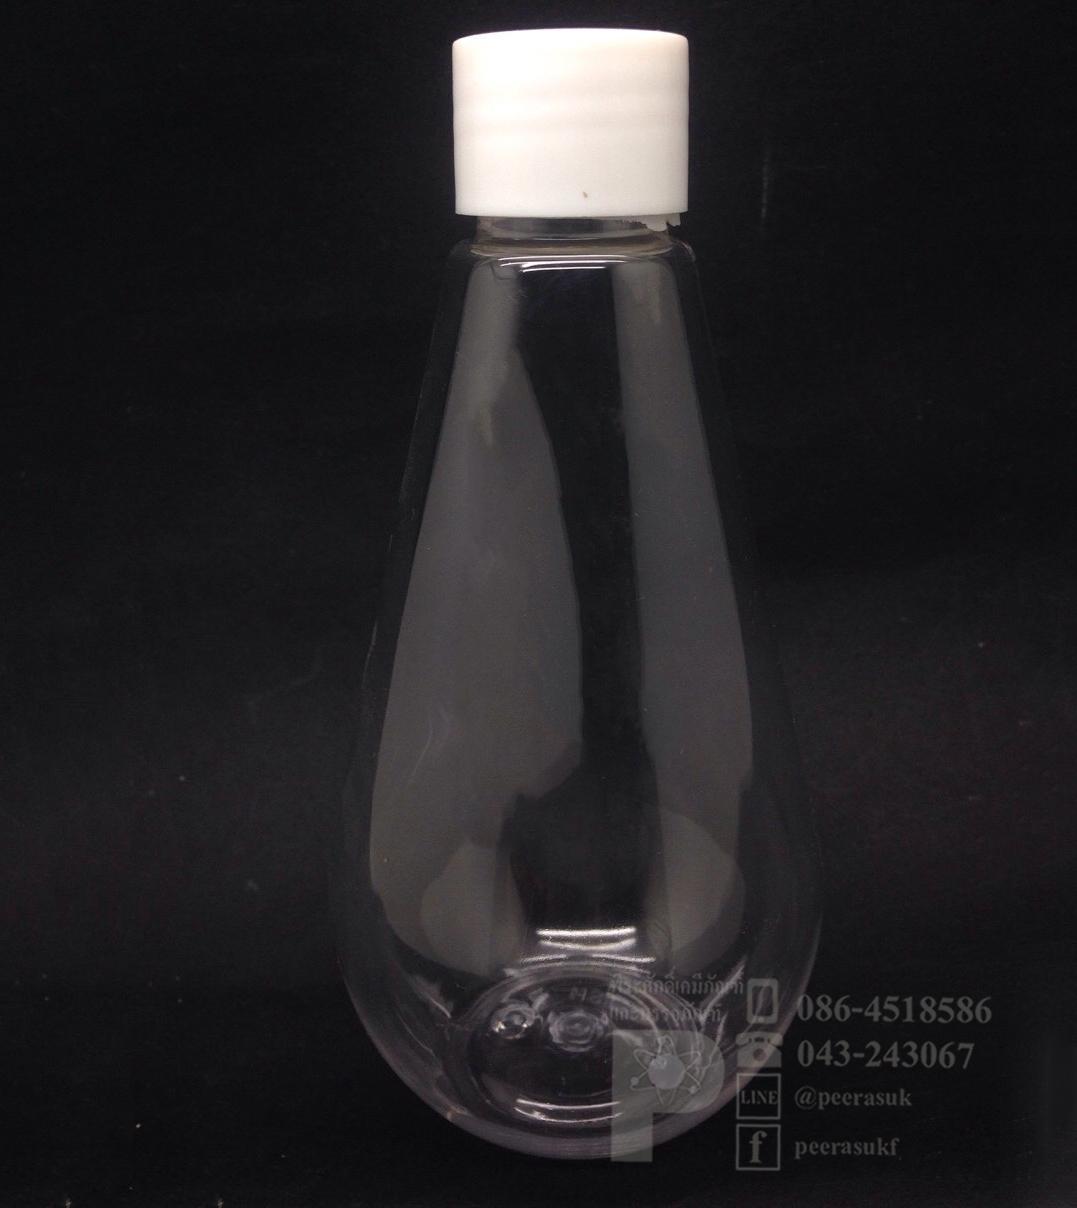 หยดน้ำ 250 ml ใส+จุกรู+ฝาเกลียวสีขาวทึบ 10 ชิ้น